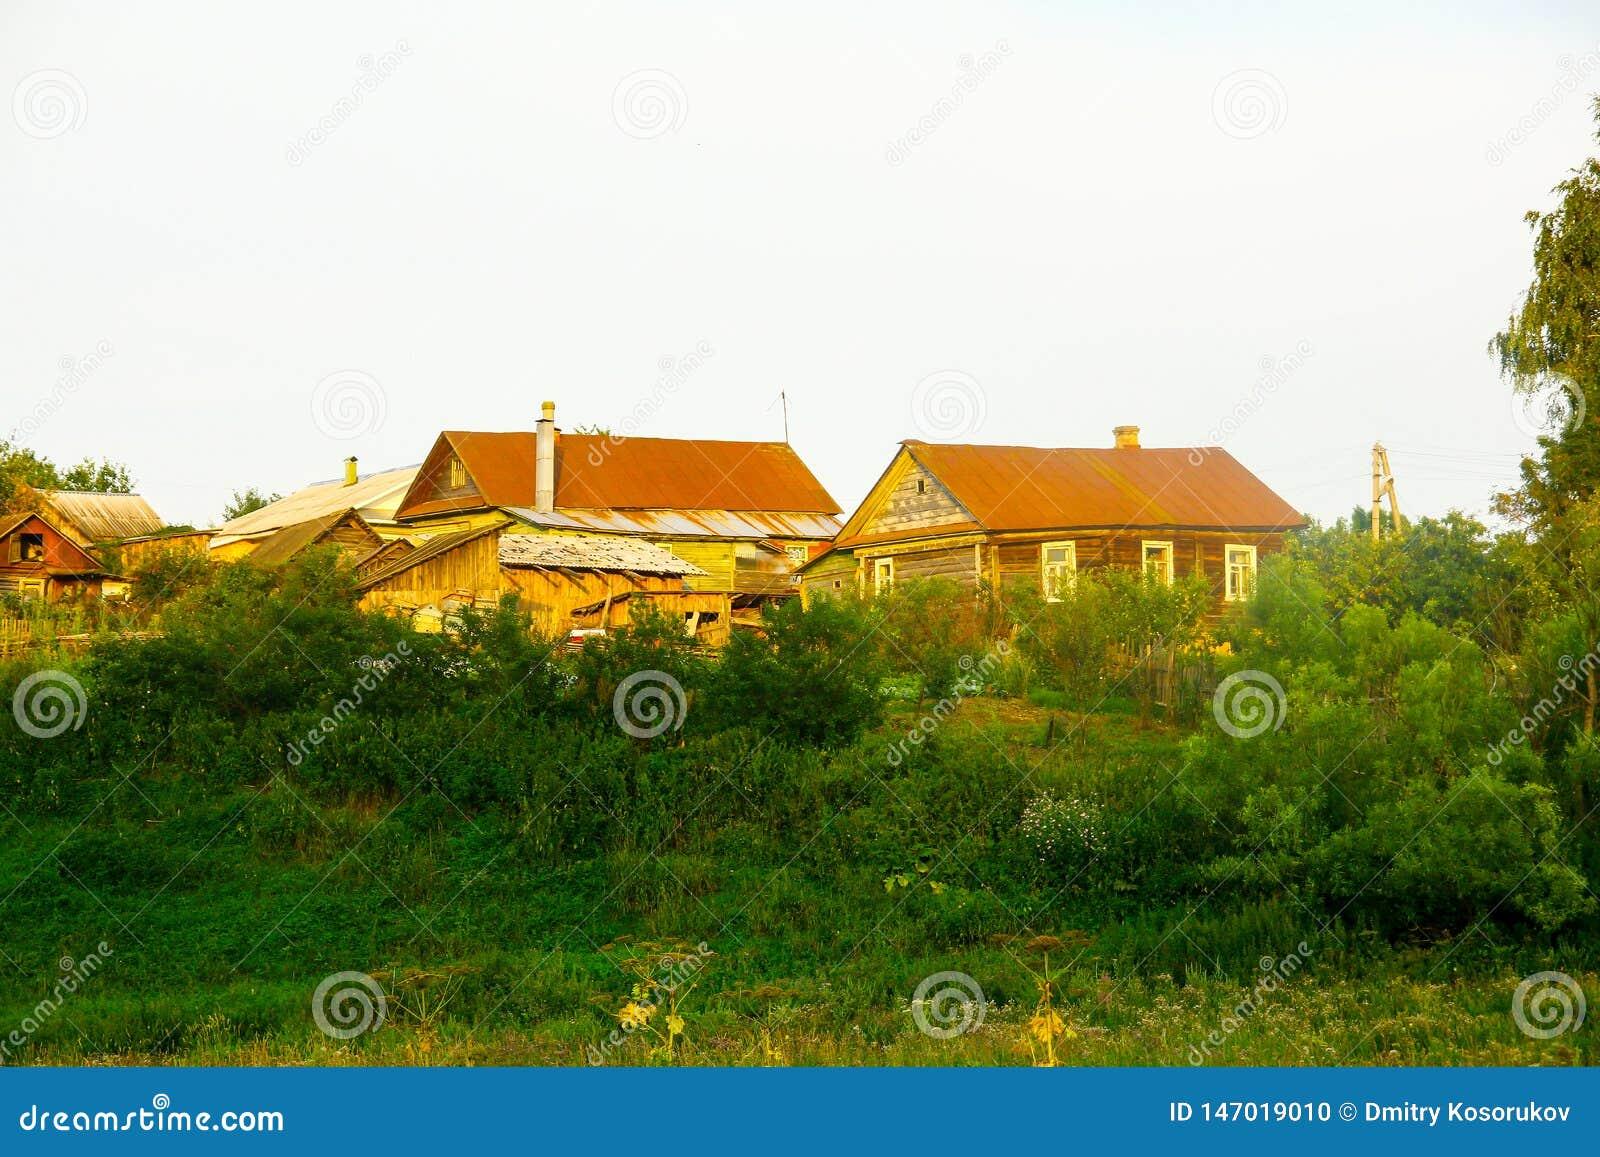 Casas de madera viejas abandonadas en el bosque